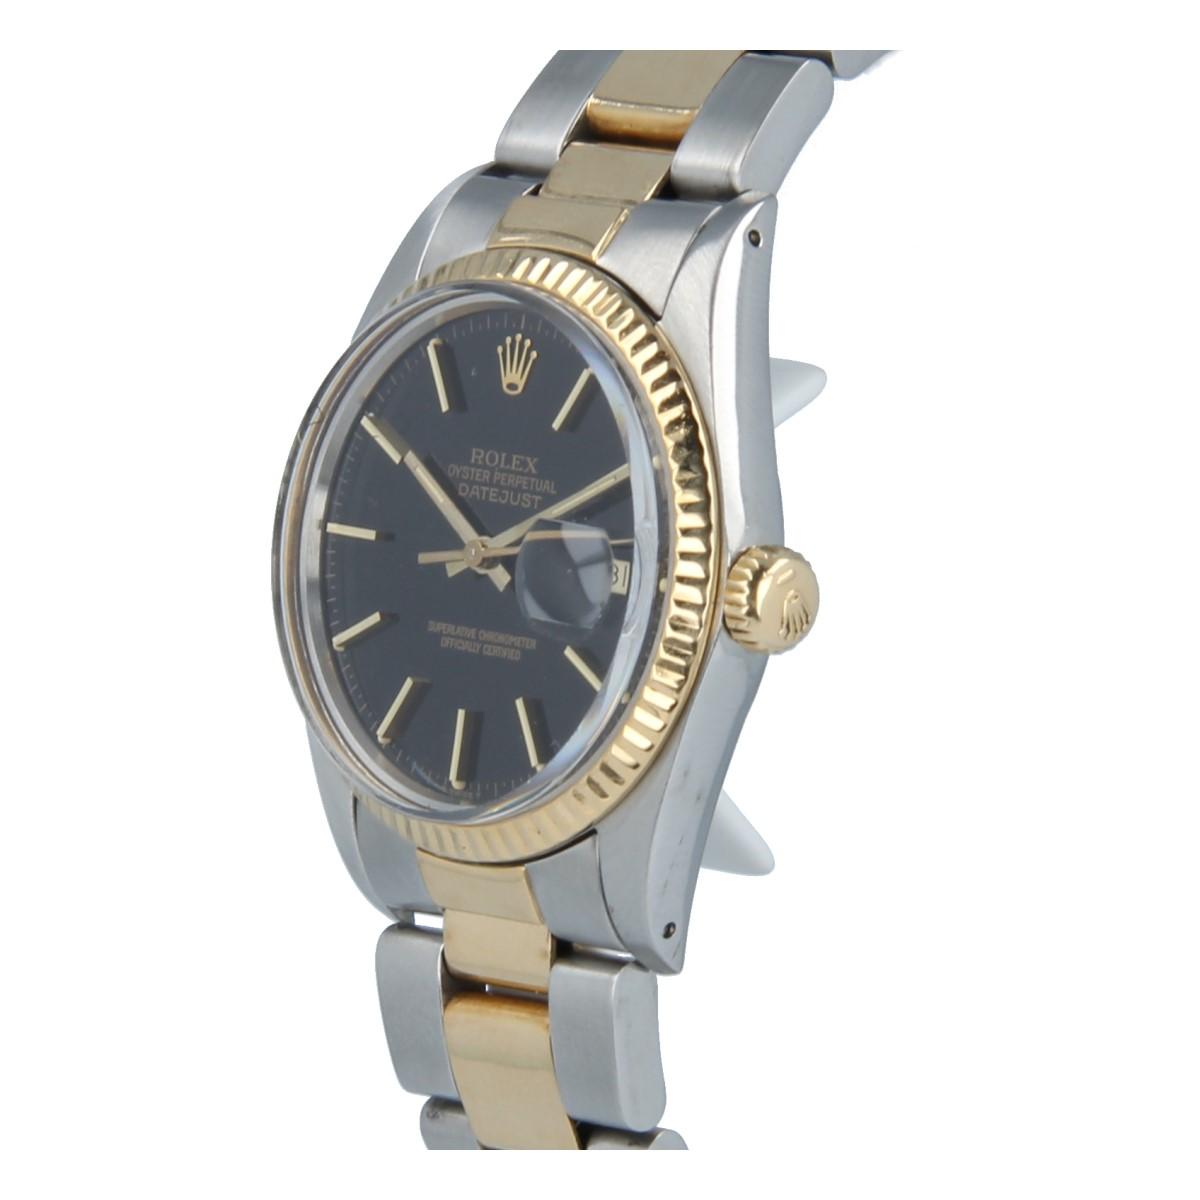 3795ec6707d Rolex Datejust Oyster Perpetual 16013 | Comprar reloj Rolex de ...